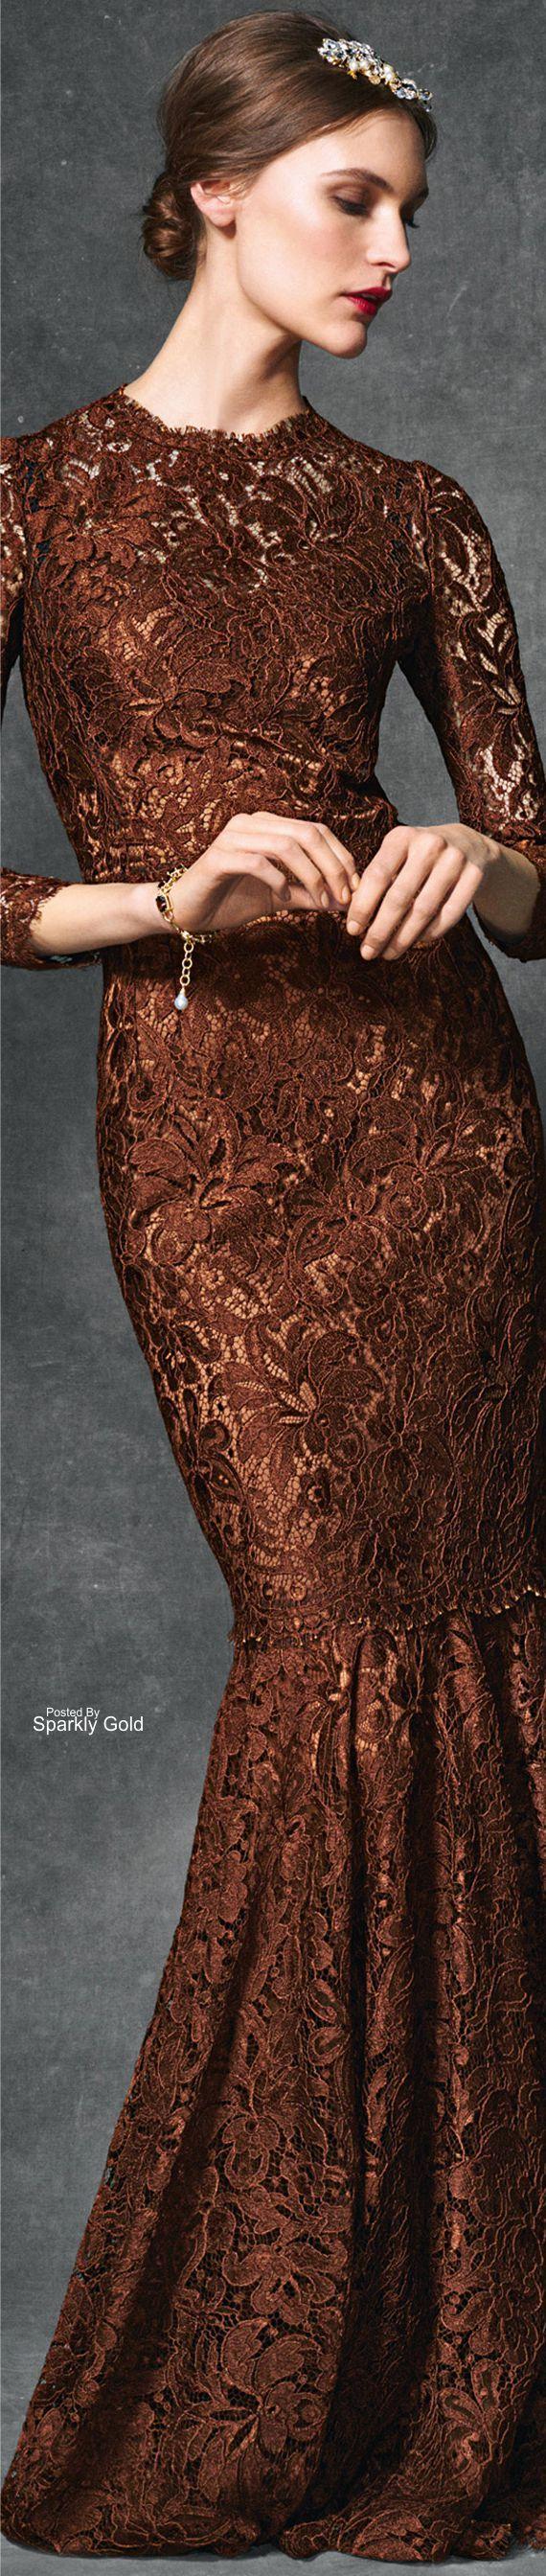 O marrom que está associado a natureza por ser a cor da terra e da madeira, trazendo assim vigor e resistência